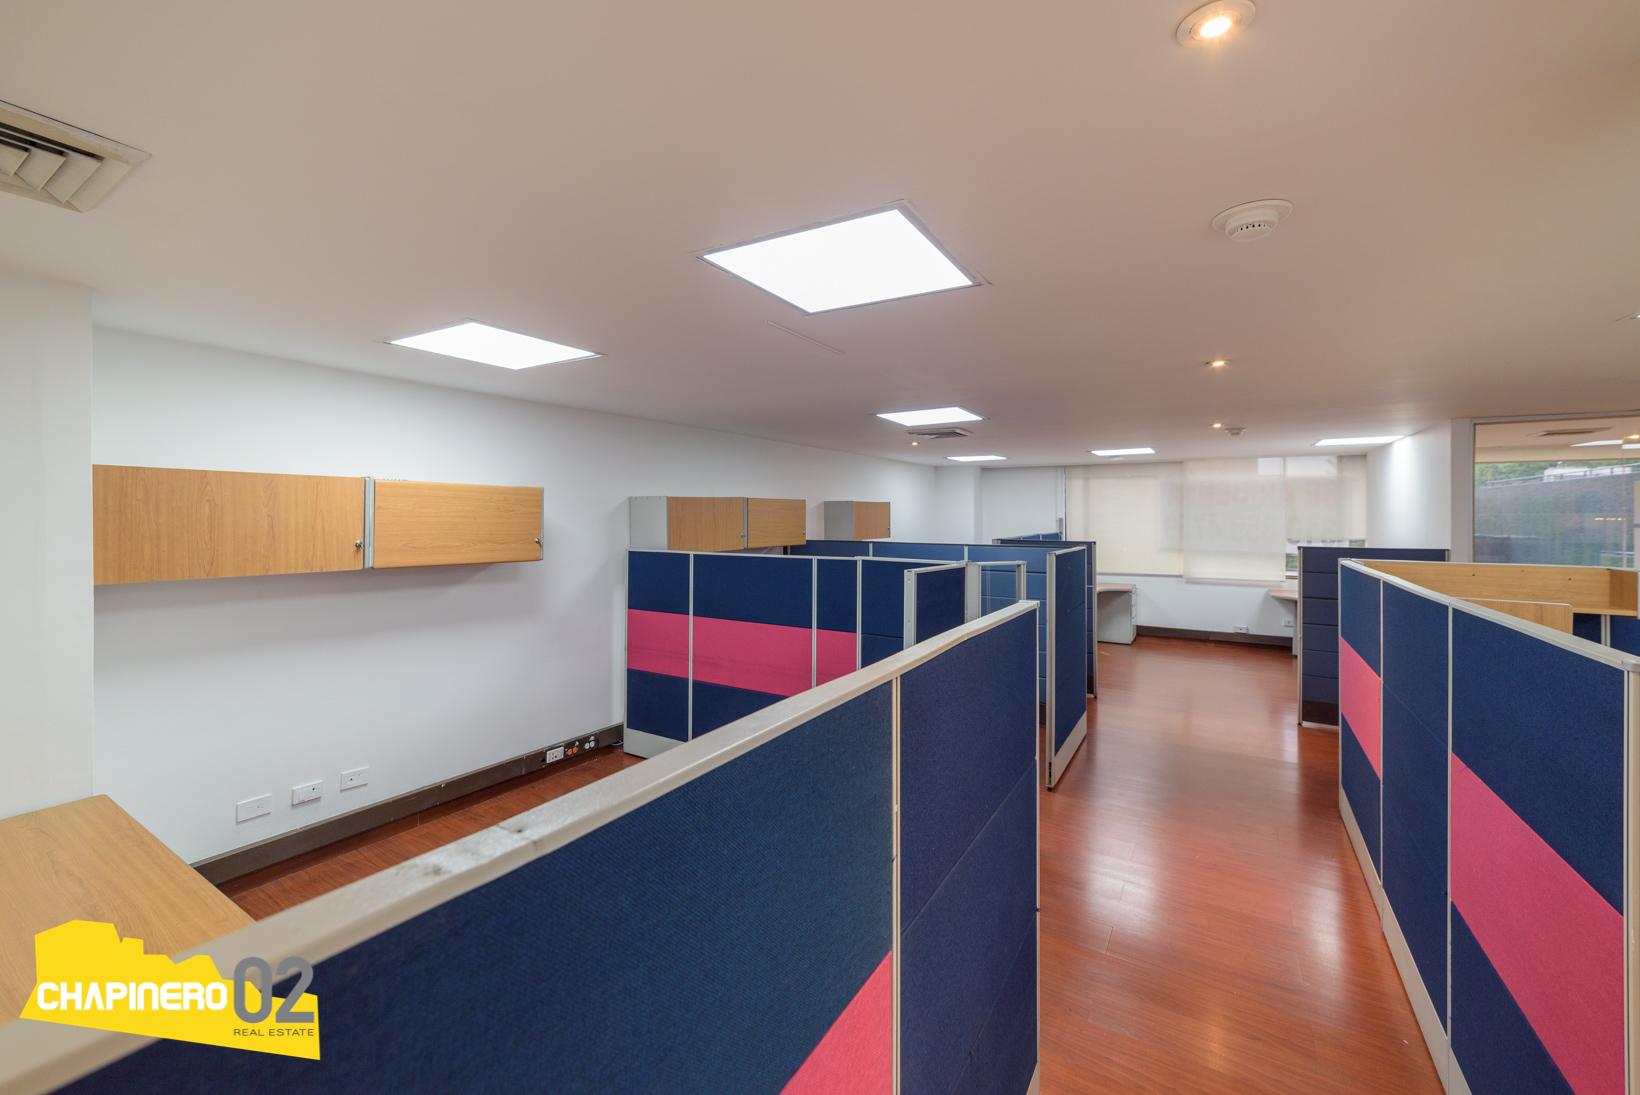 Oficina Amoblada :: 140 m2 :: Lago :: $9,1 M